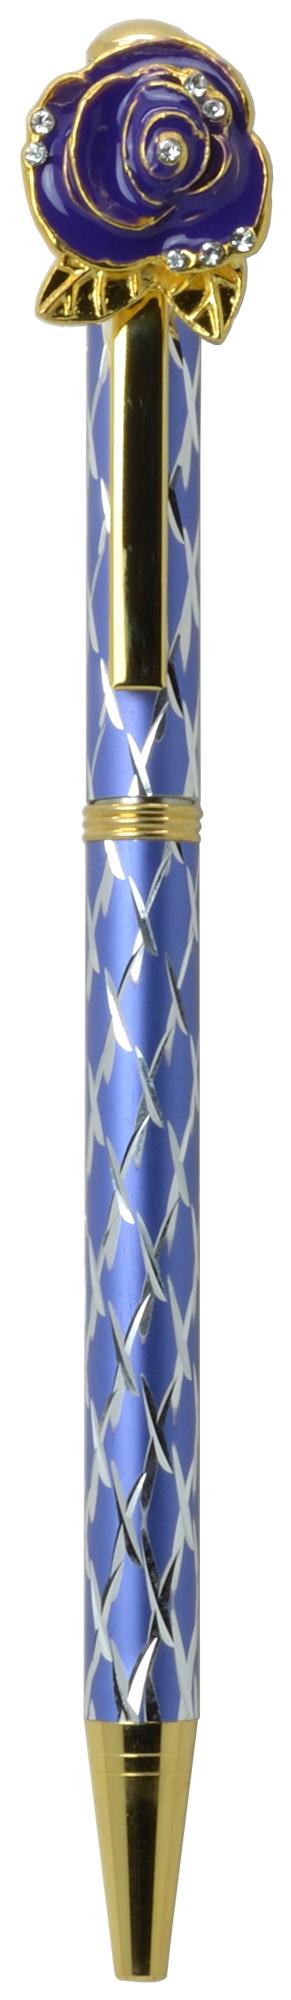 スワロフスキークリスタルボールペン ビッグローズ(ローズ4) パープル <br>No.65569